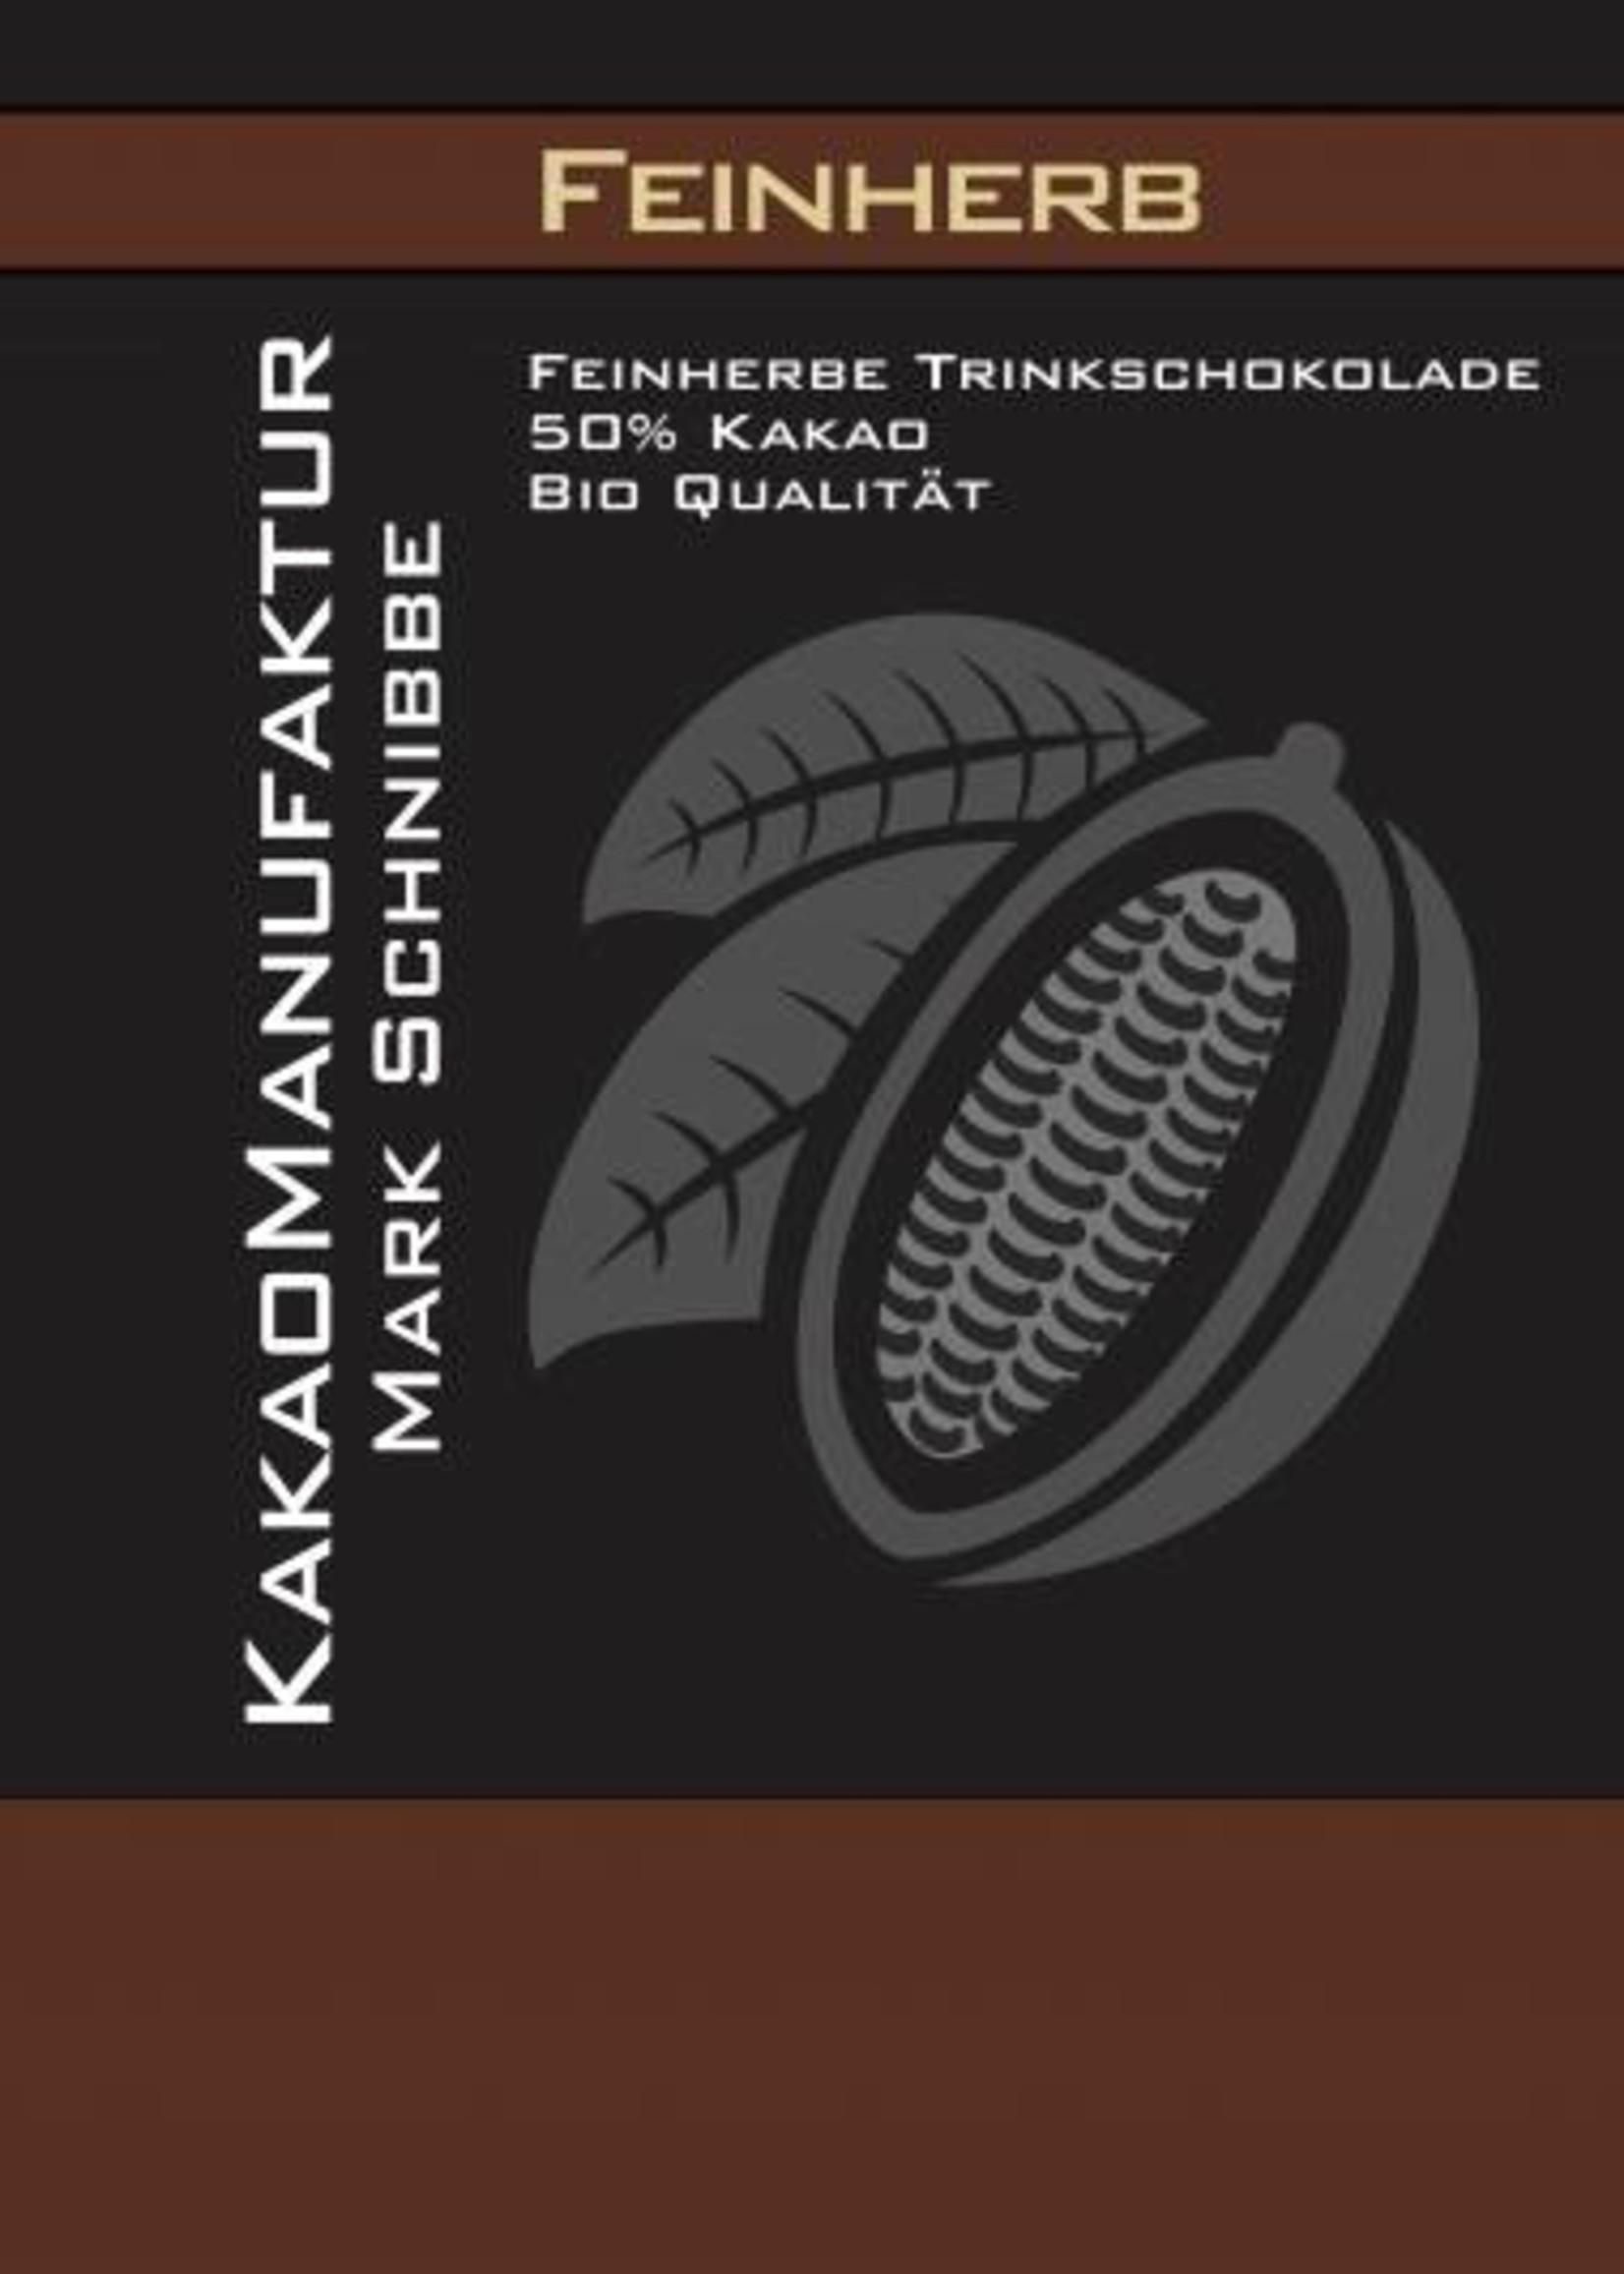 Bio Vegan Kakao Feinherb 50%